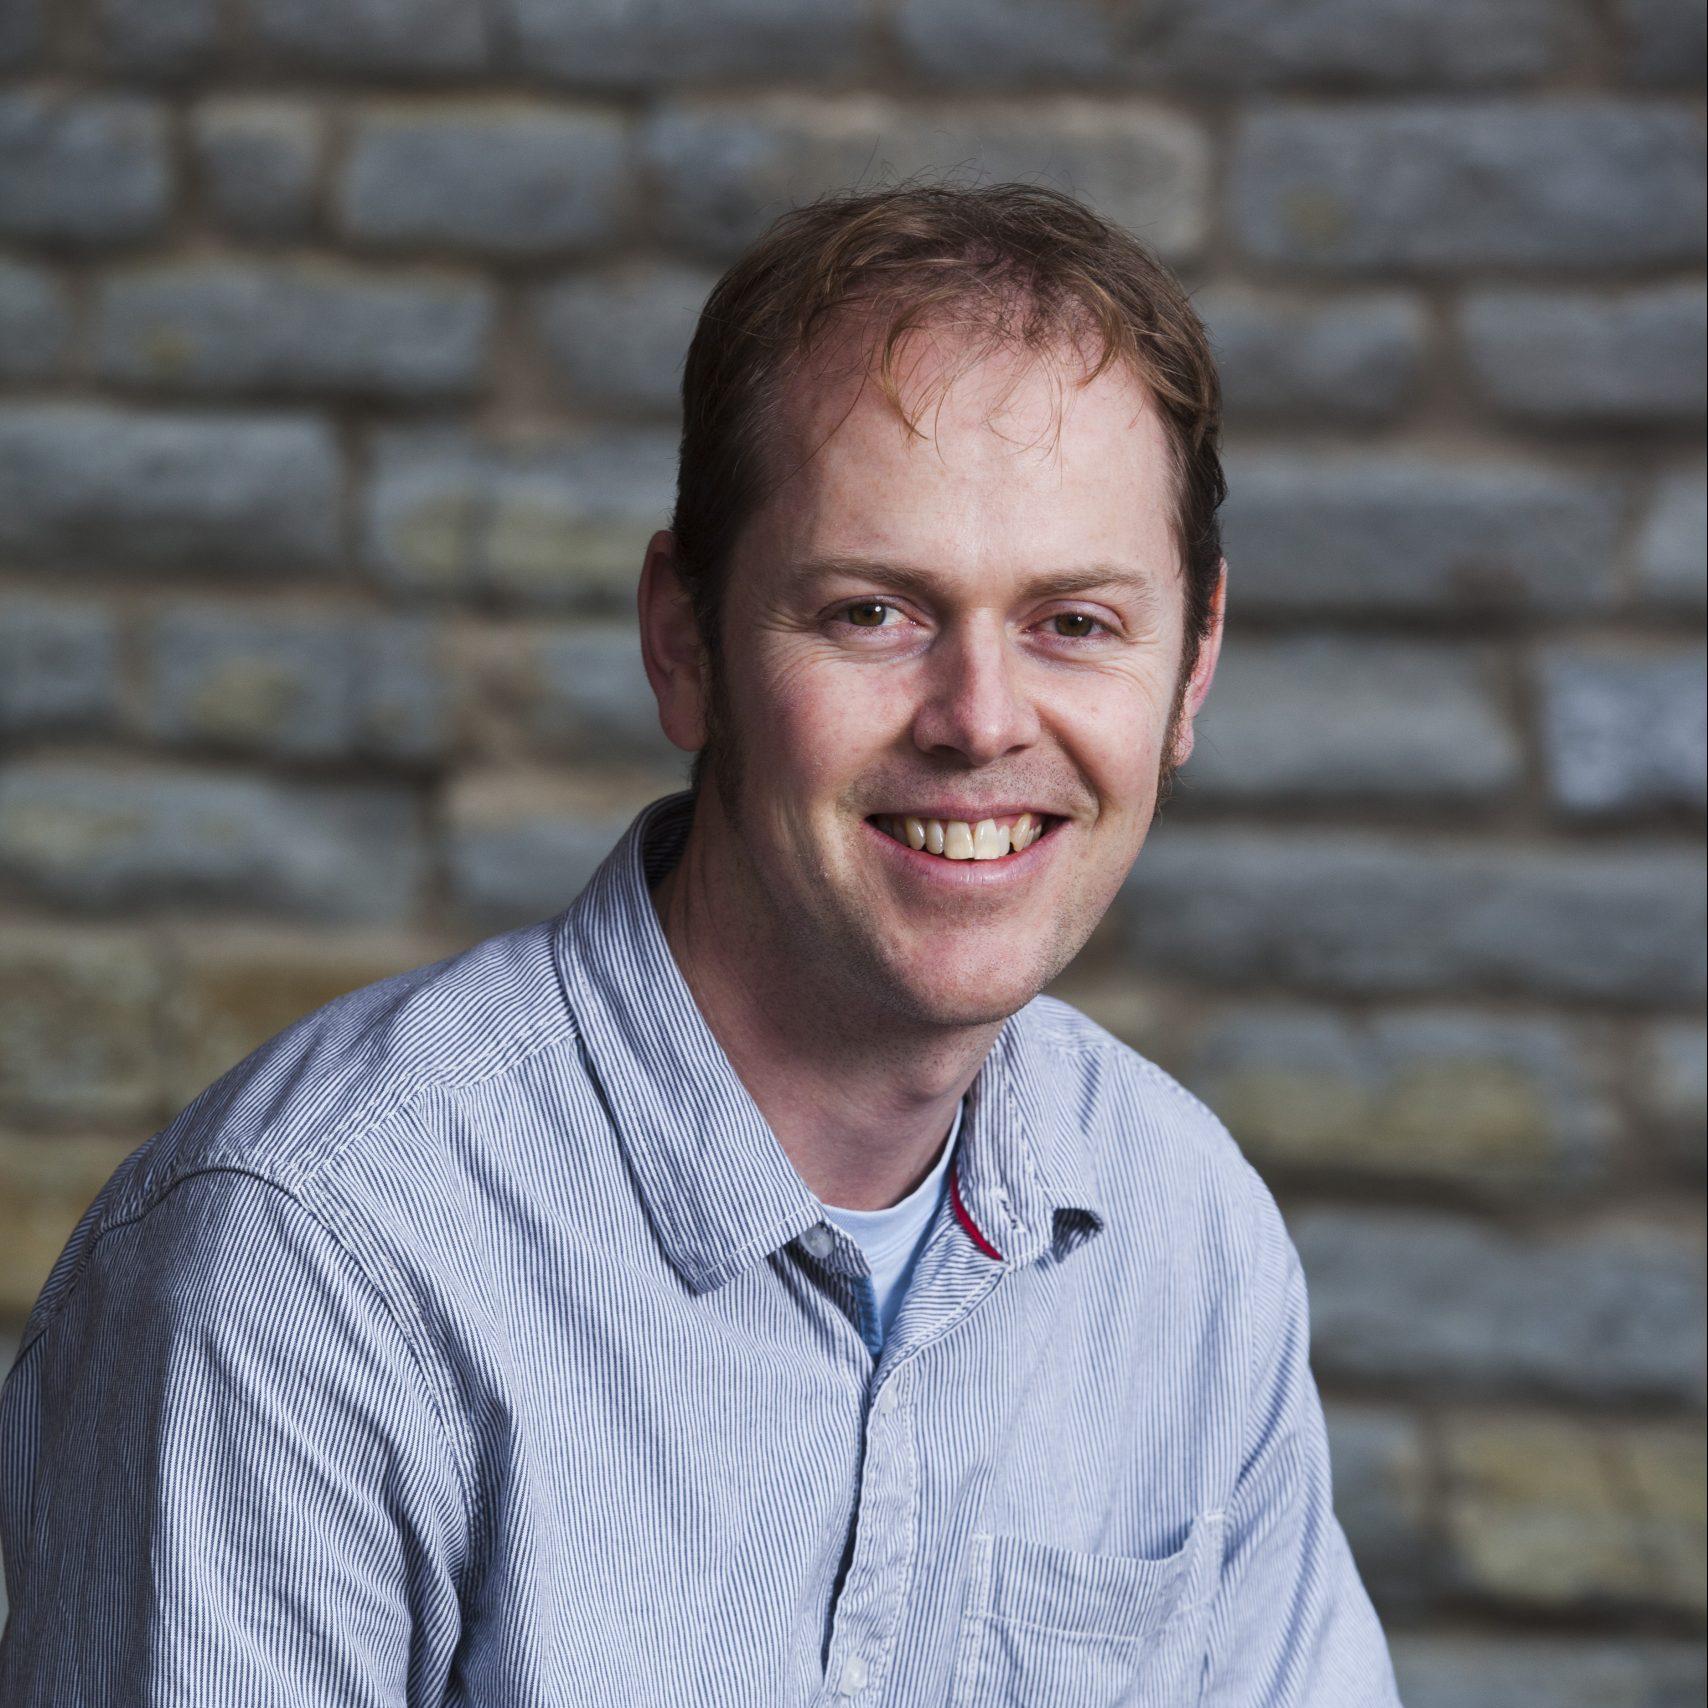 Neil Towler, Business Energy Advisor